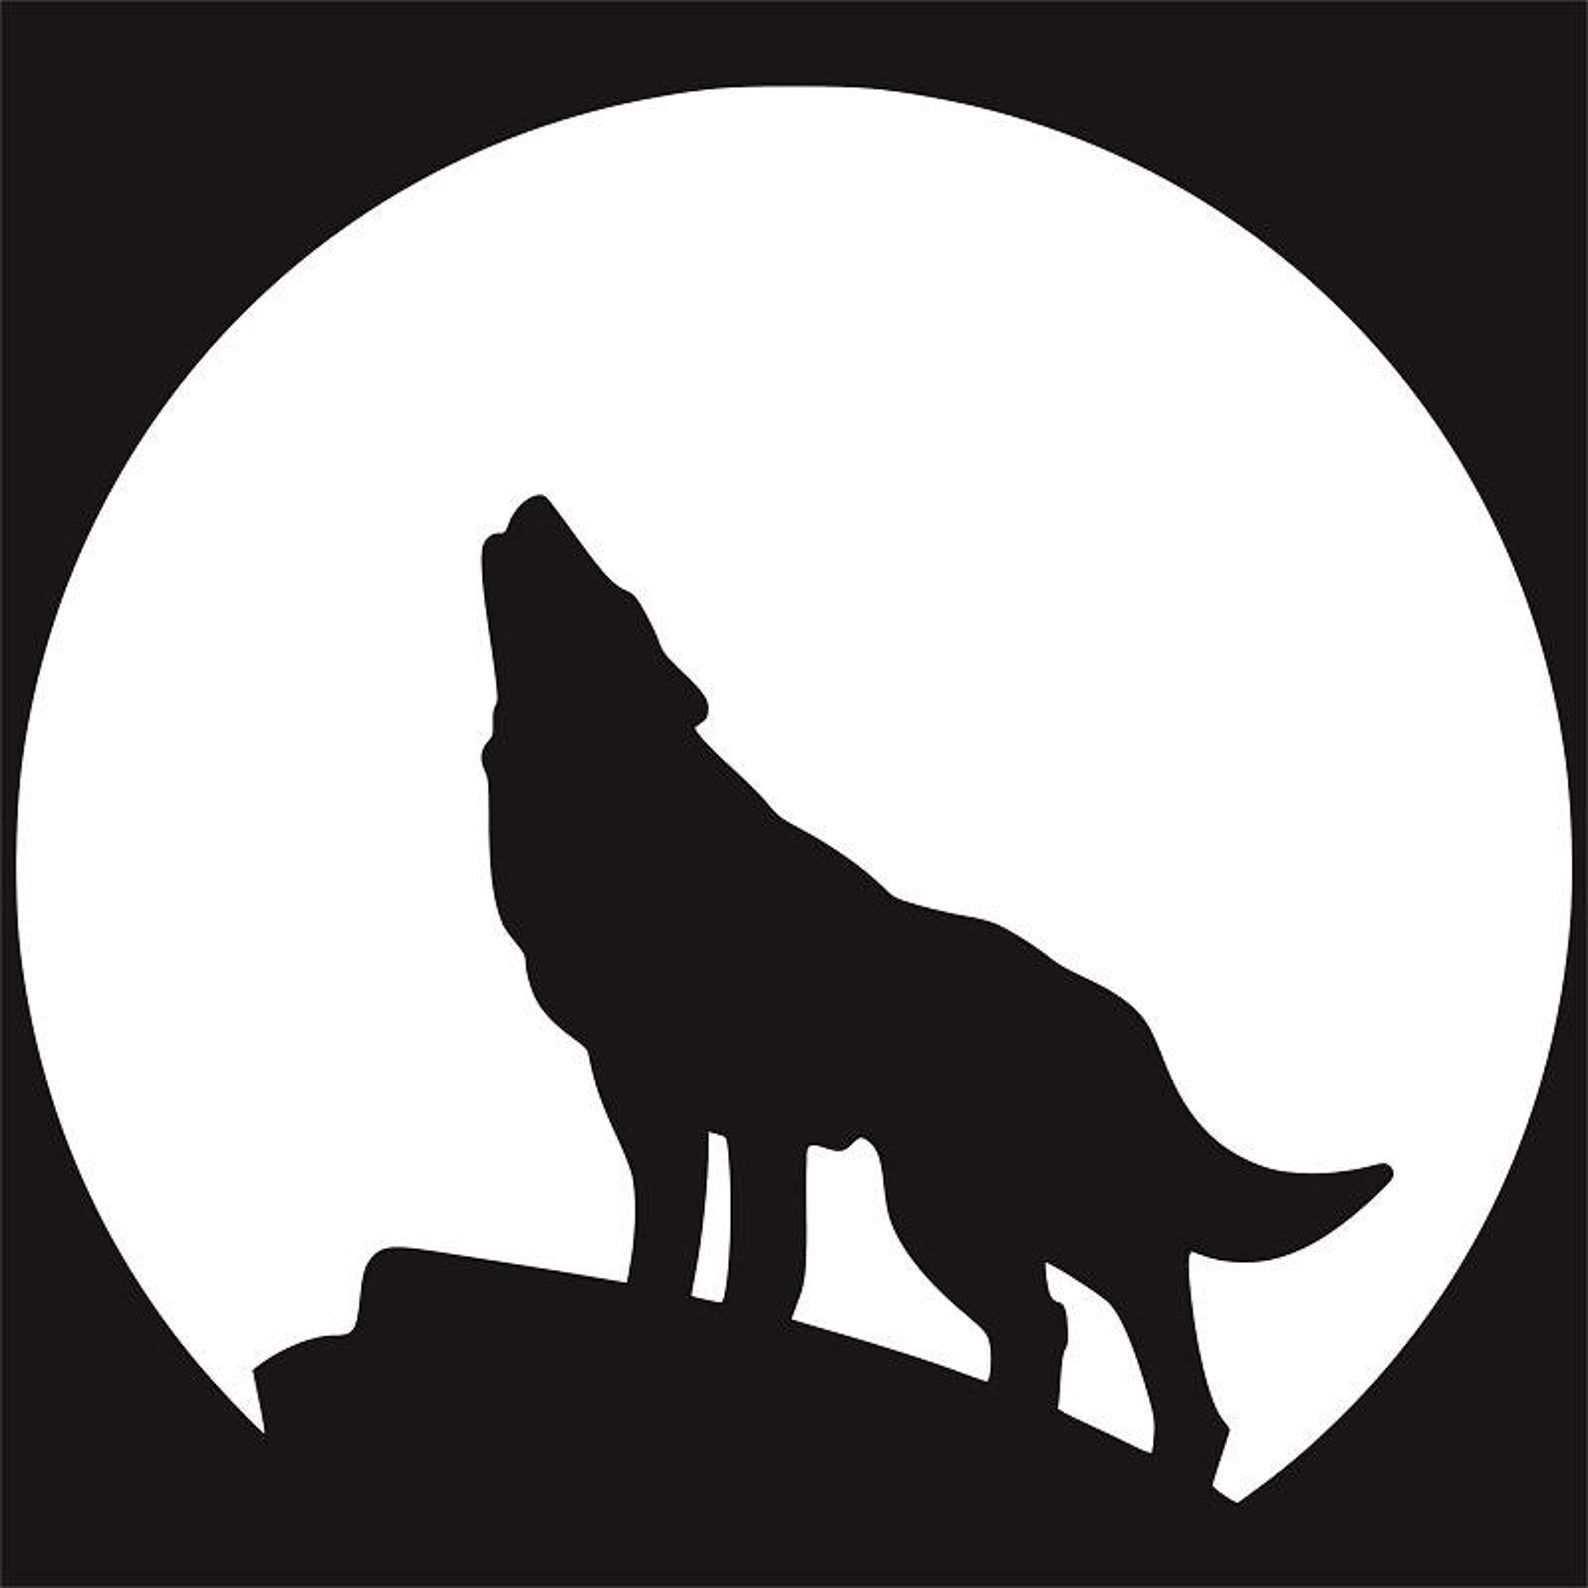 Ausmalbilder Schmetterling Vorlagen In 2020 Wolf Silhouette Wolf Stencil Moon Silhouette